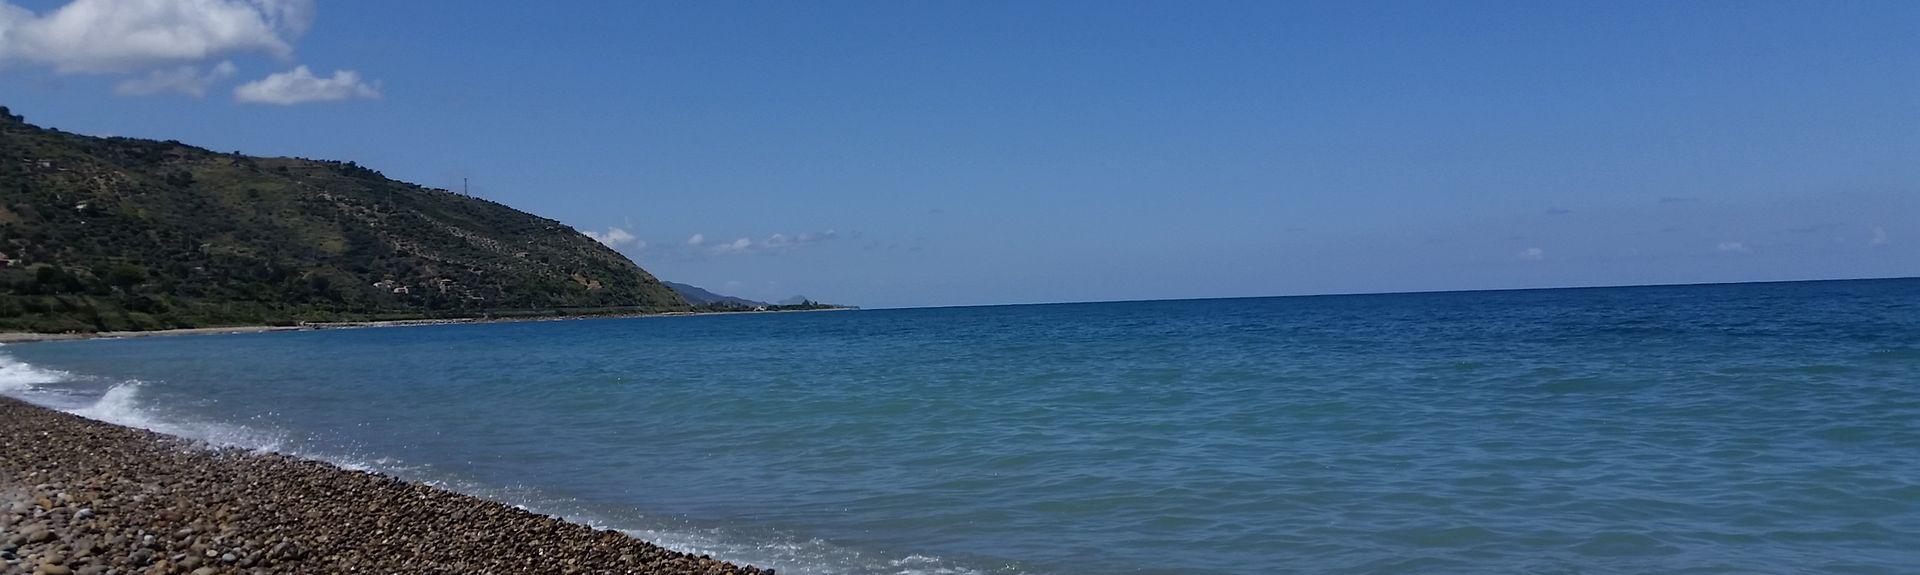 Caronia, Sicily, Italy